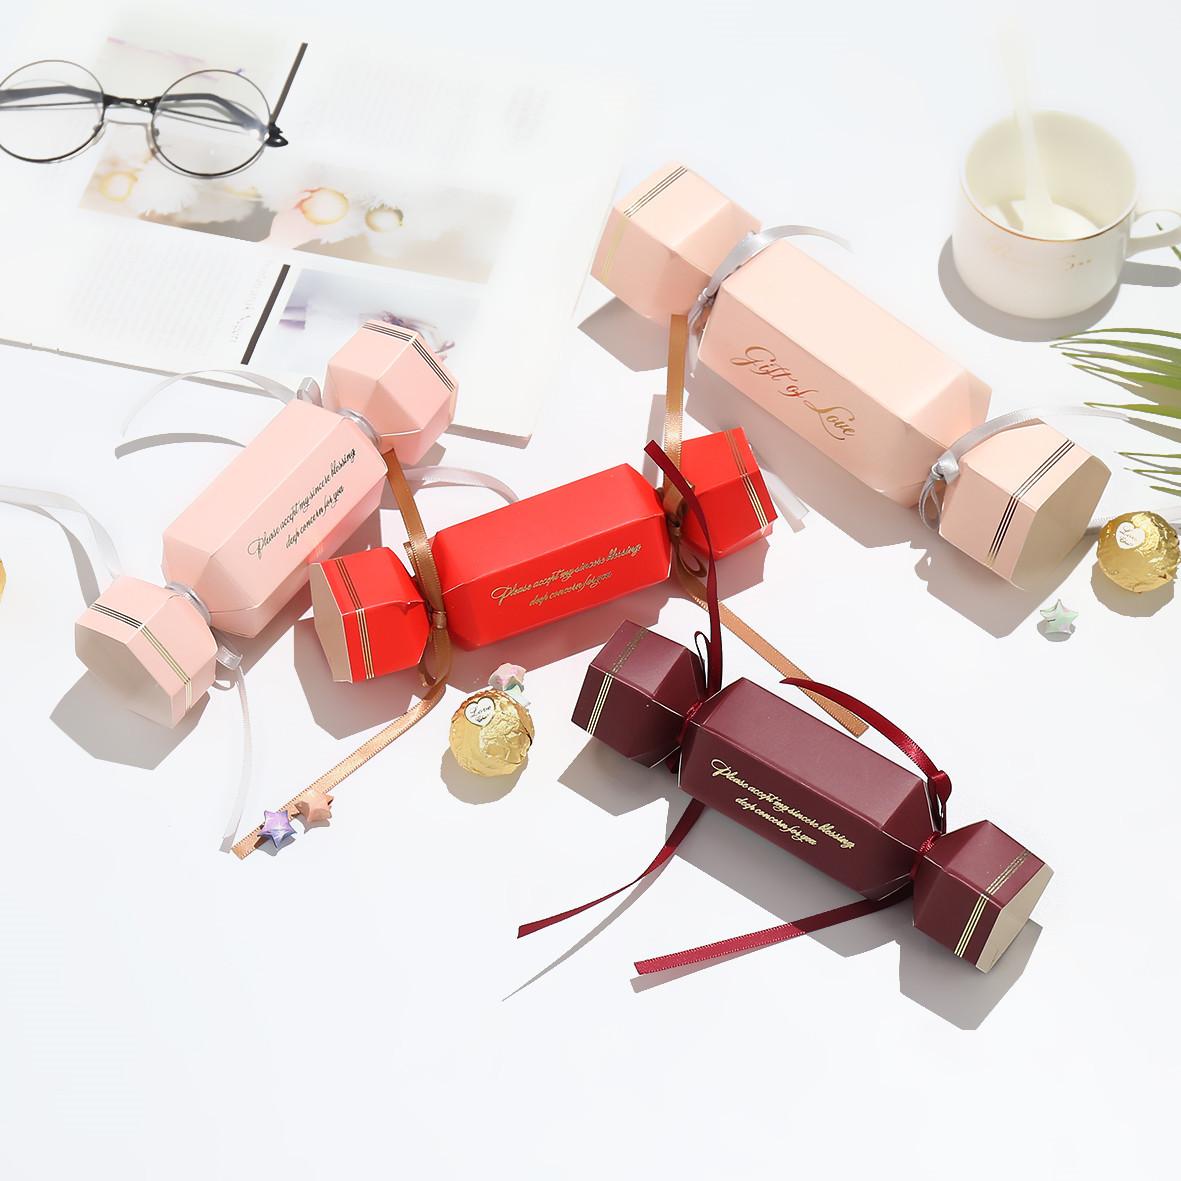 新款喜糖盒大容量糖果造型韩式婚礼ins伴手礼 创意糖盒礼盒可放烟